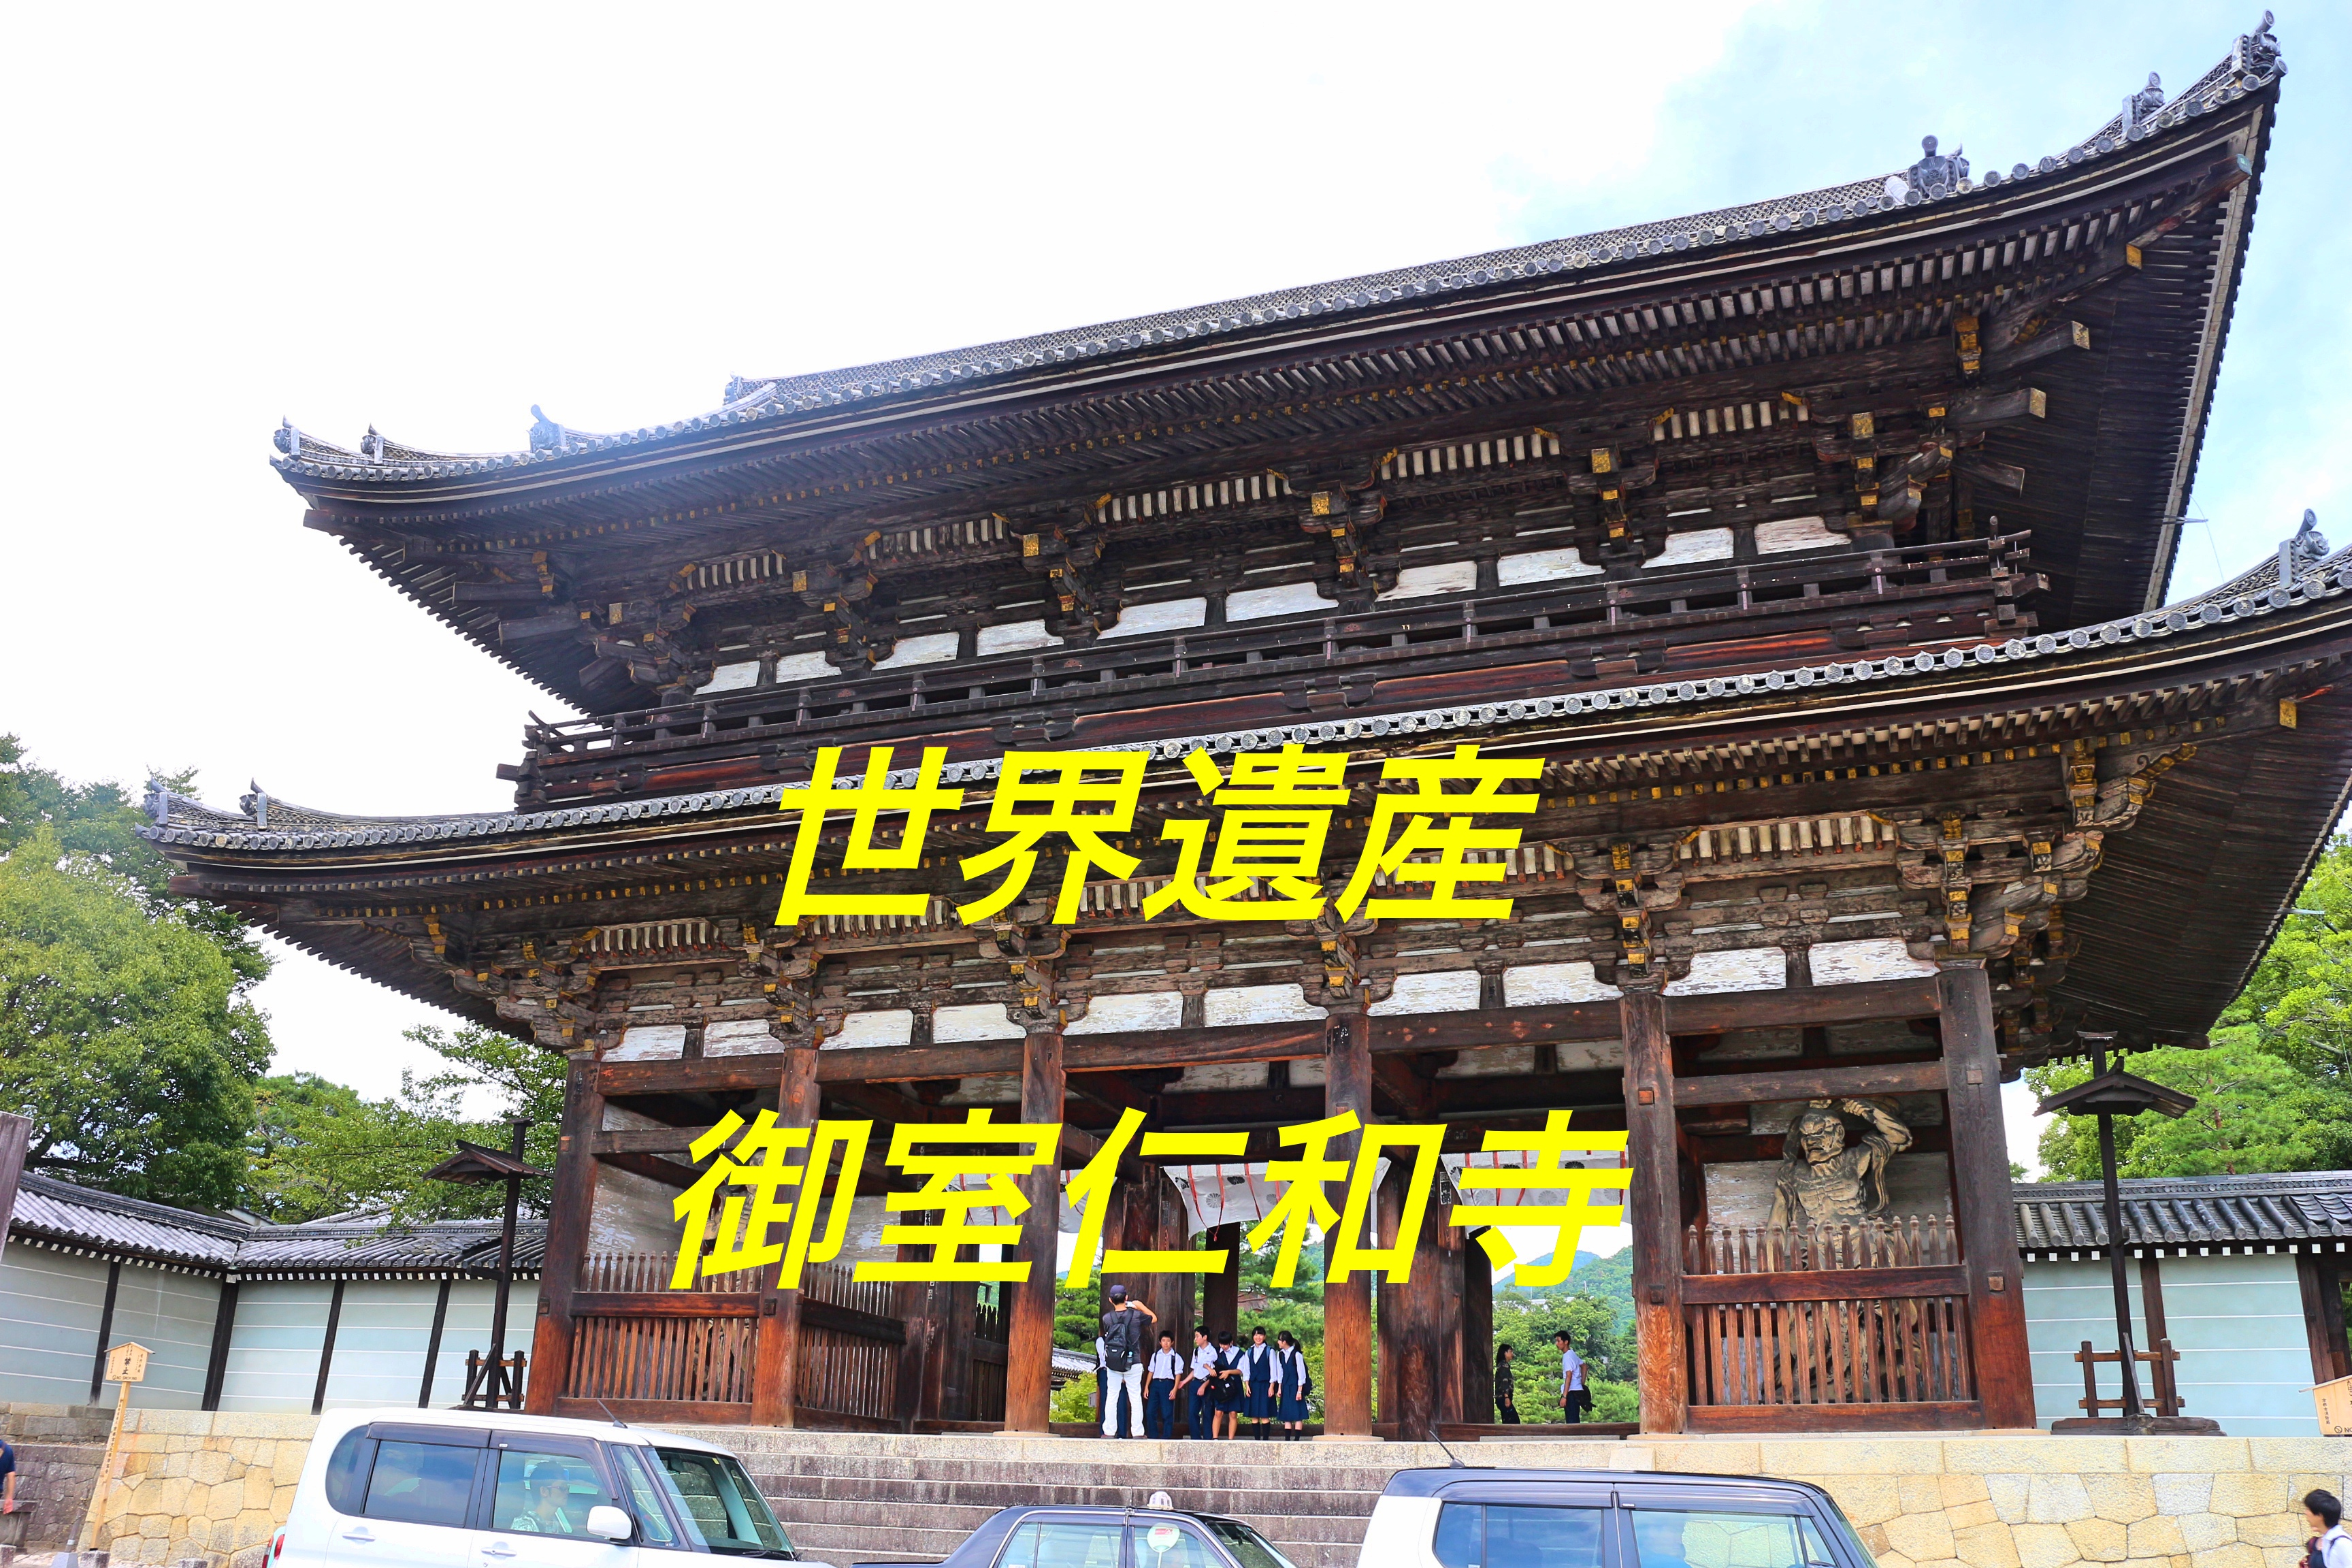 御室桜だけじゃない?!京都の世界遺産、仁和寺で楽しい御朱印巡り